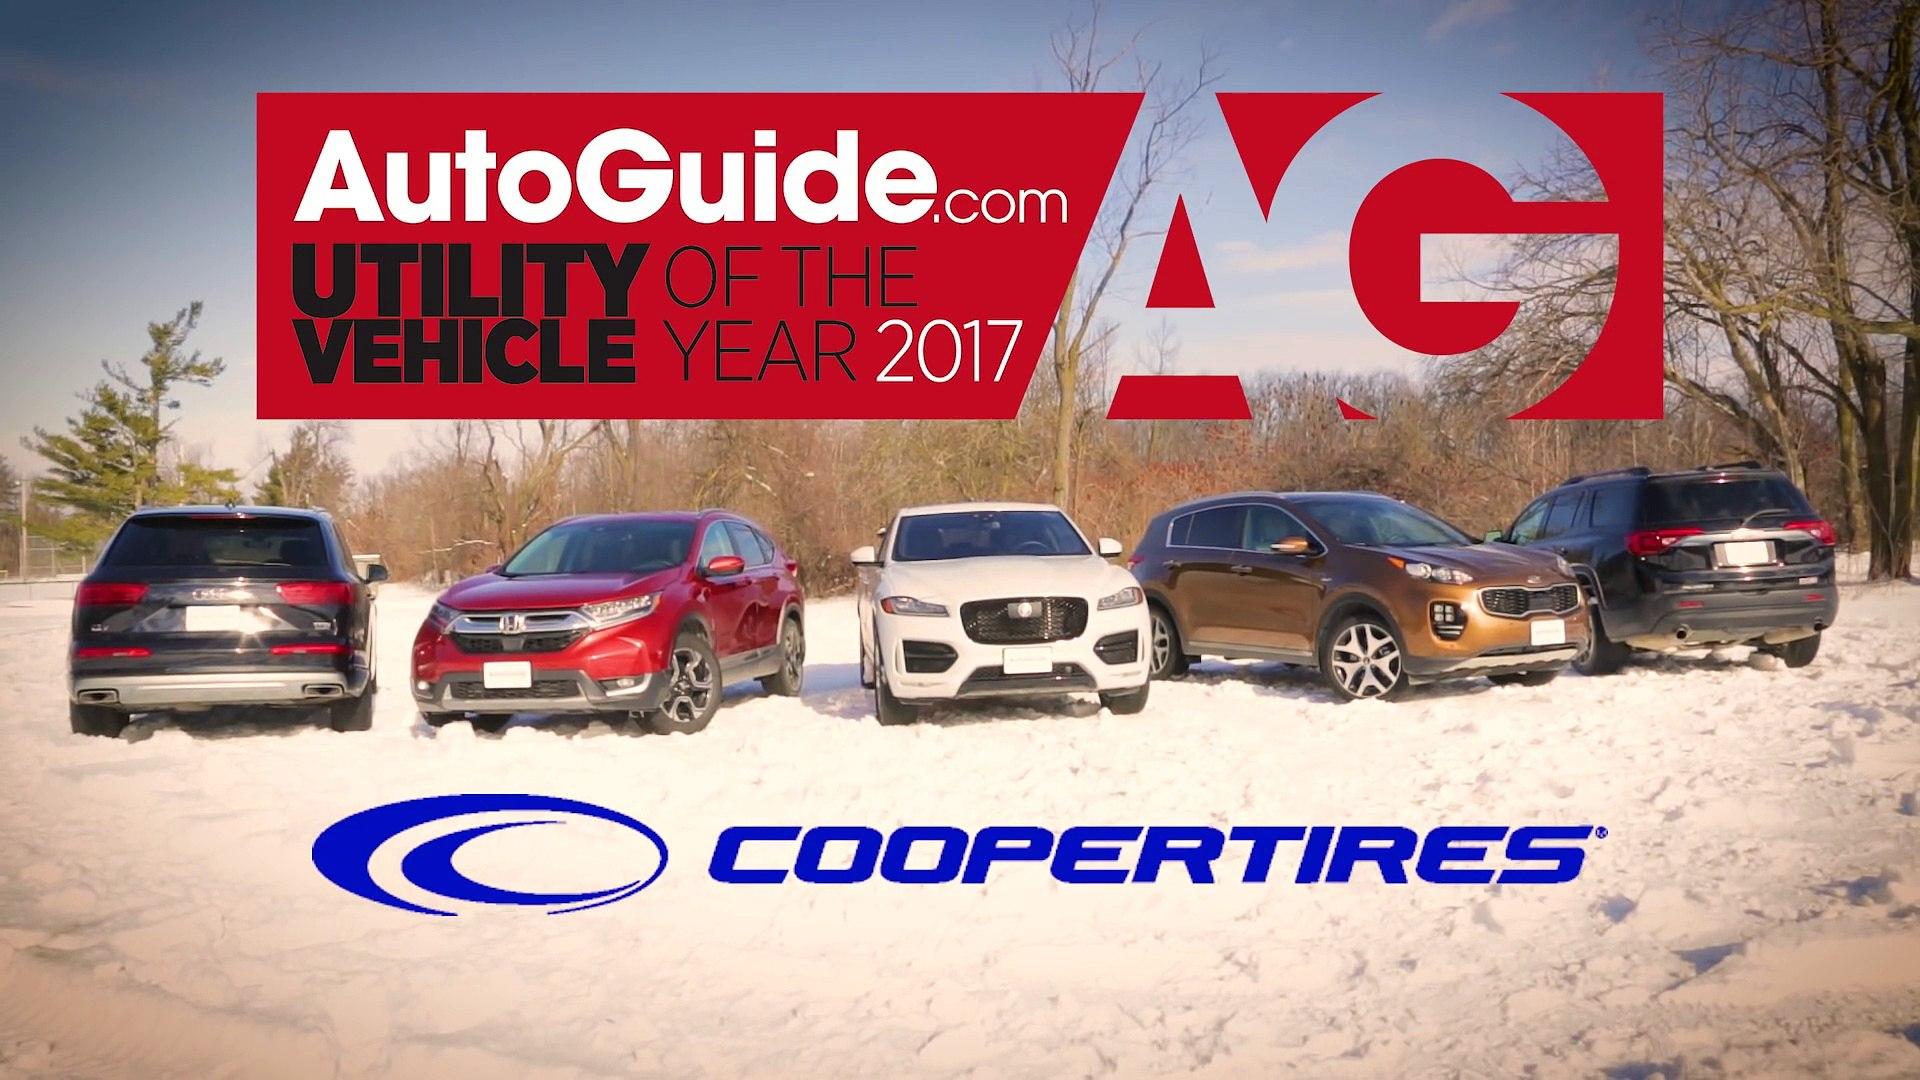 Reviews car - 2017 Jaguar F-Pace - 2017 AutoGuide.com Utility Vehicle of the Year Contender - Part 2